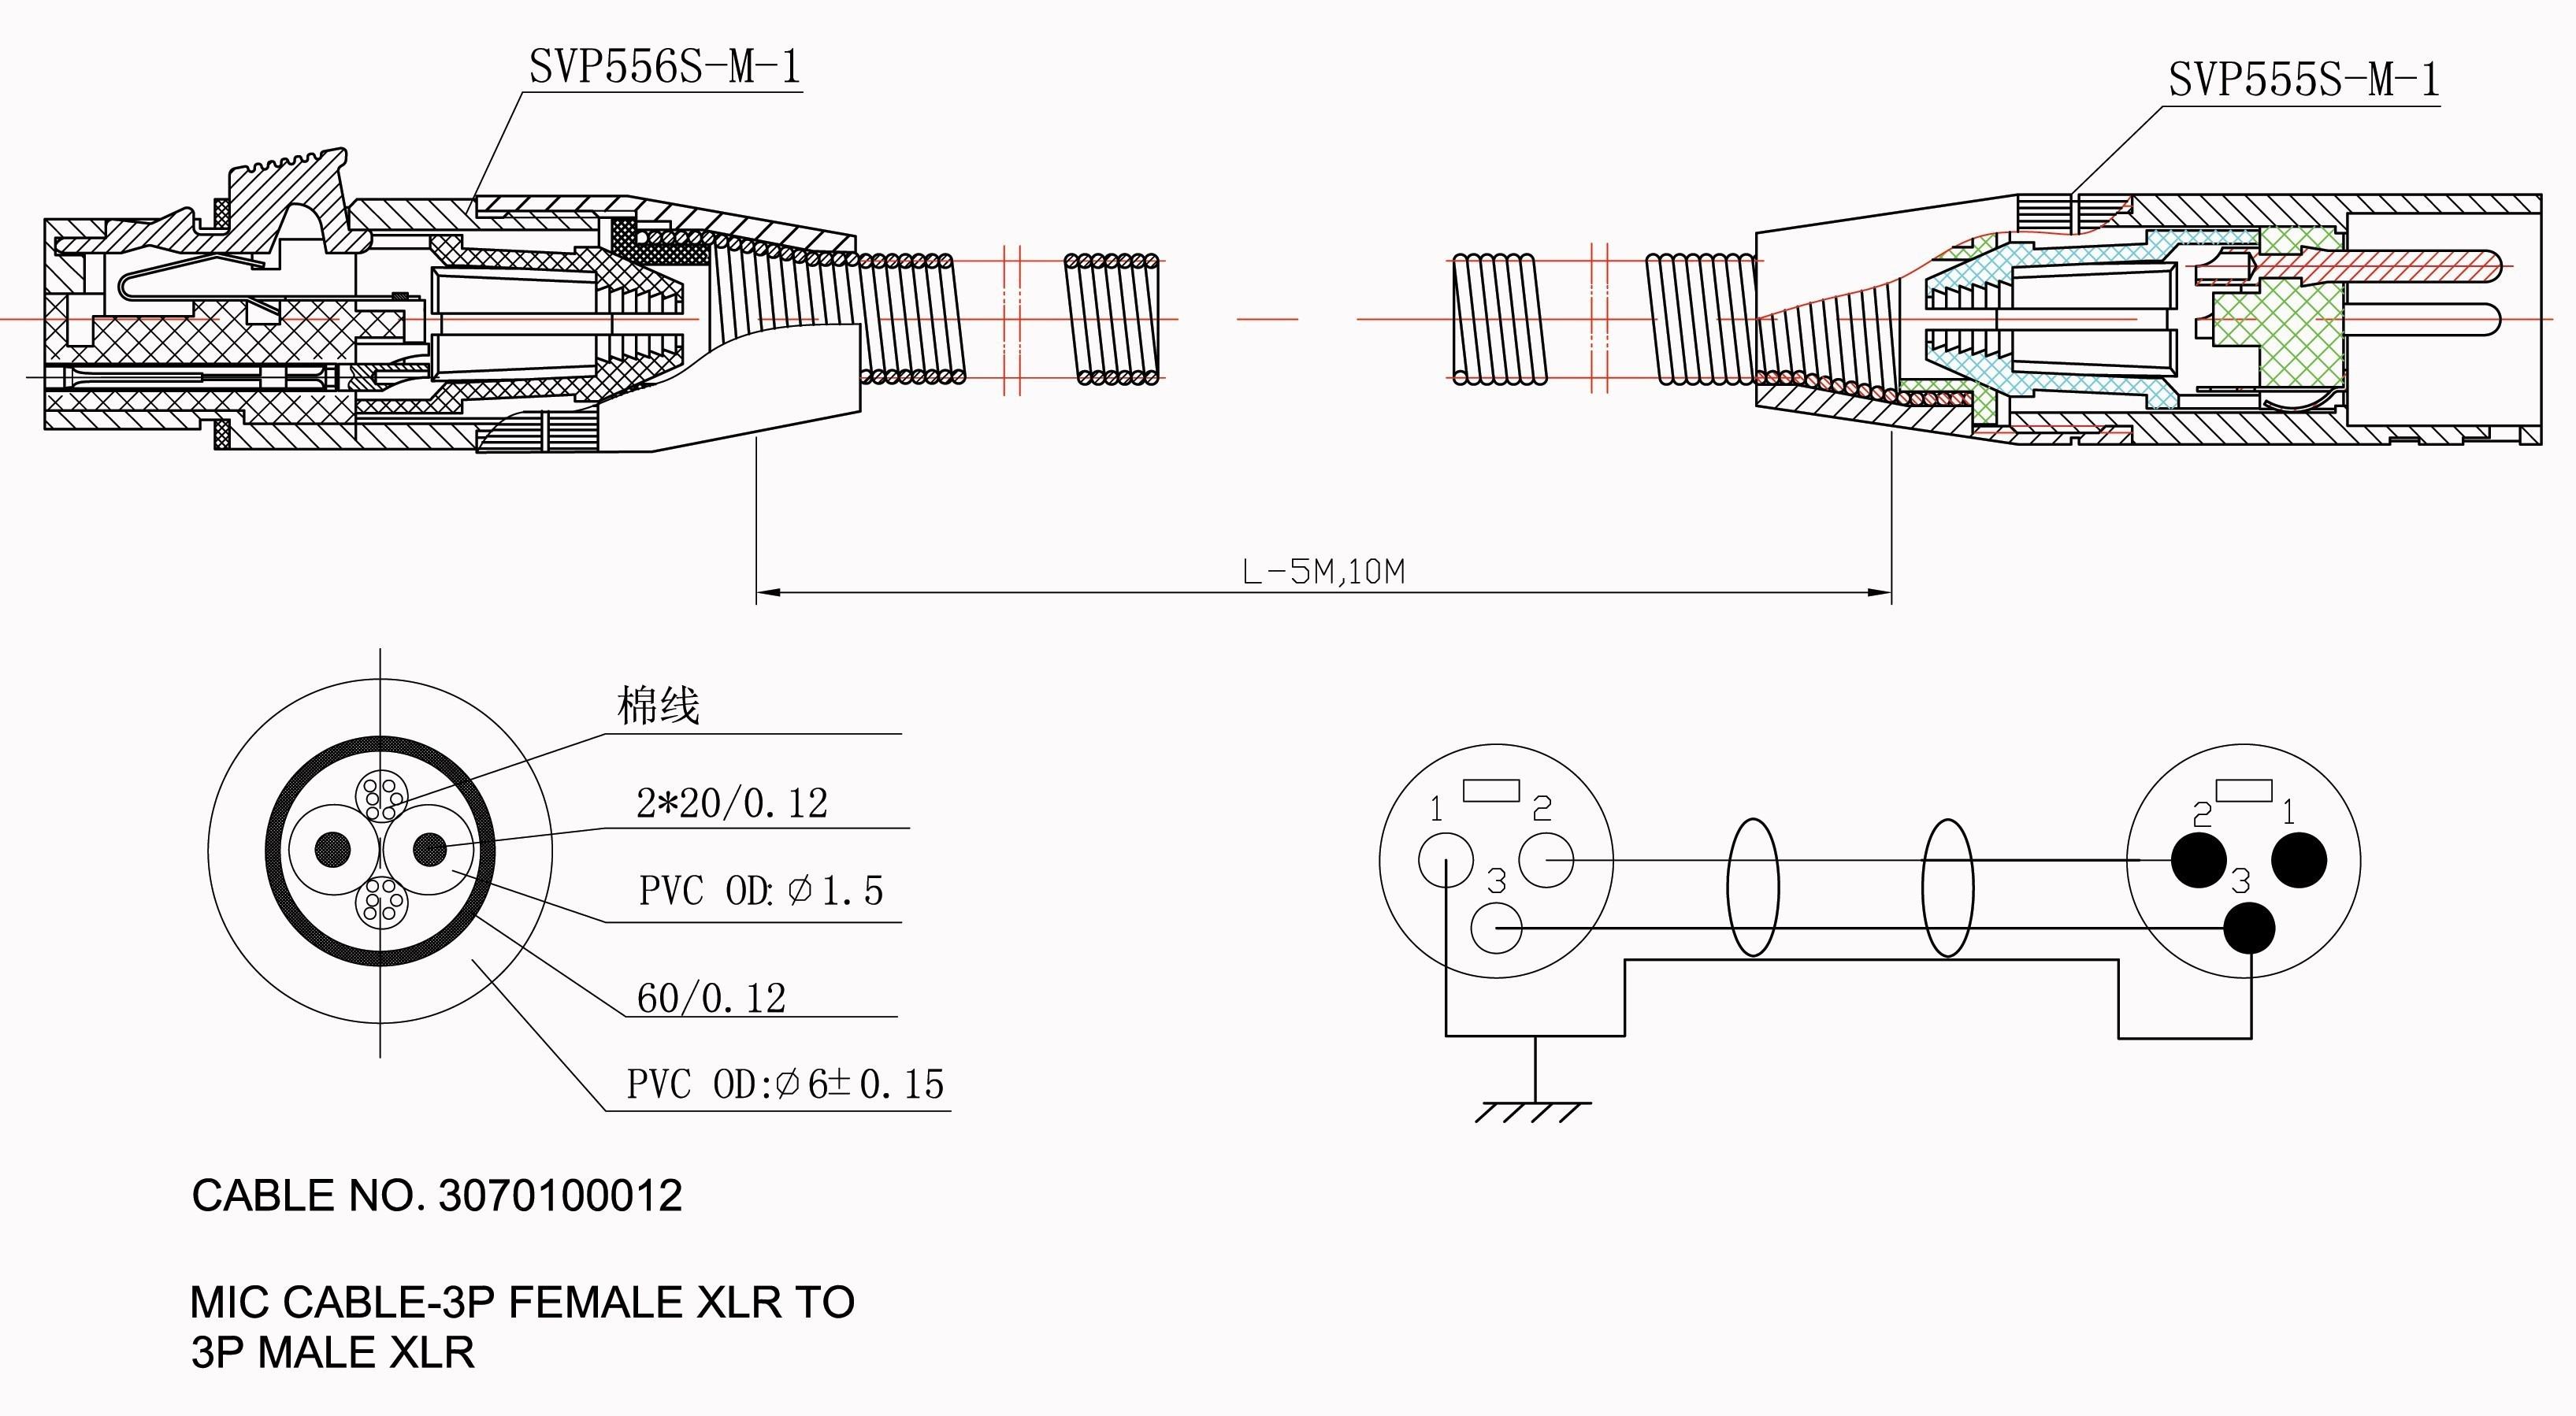 2003 Audi A4 Engine Diagram Wiring Diagram Audi A4 2002 Valid 2003 Audi A4 Schematic Wiring Of 2003 Audi A4 Engine Diagram